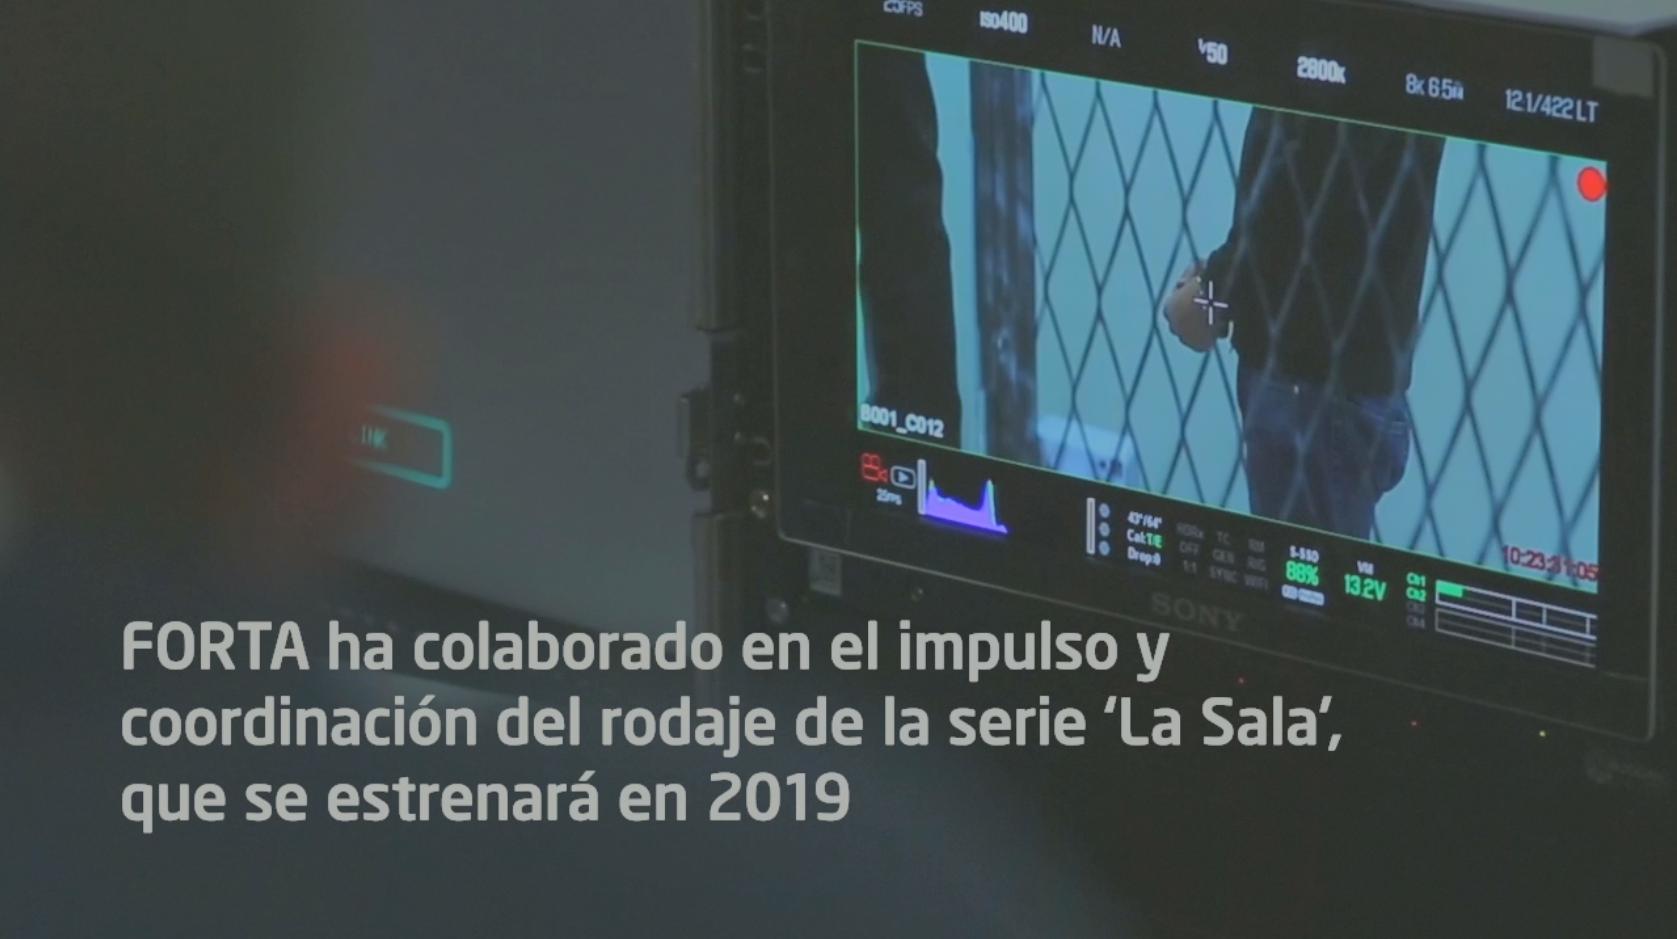 """En 2019 se lanzará la serie """"La Sala"""" en la que ha colaborado FORTA"""